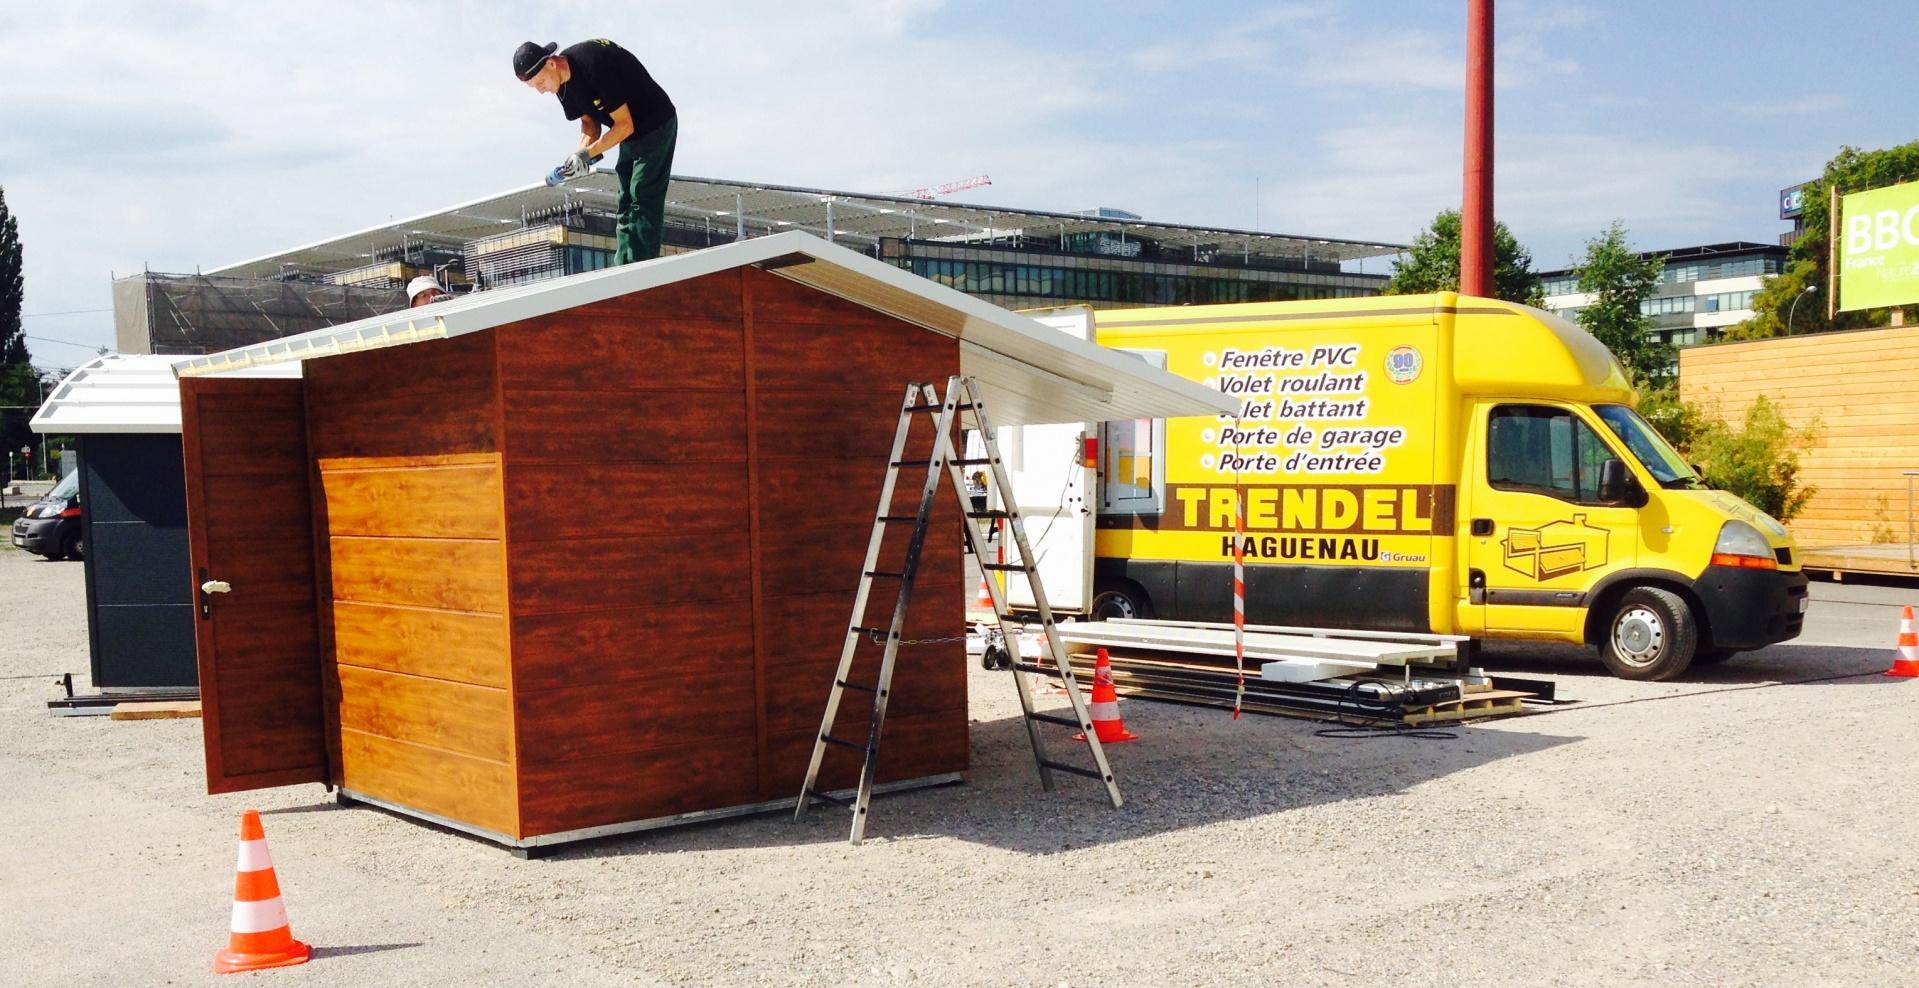 Nouvelle j 3 avant le d but de la foire europ enne de for Trendel haguenau portes de garage